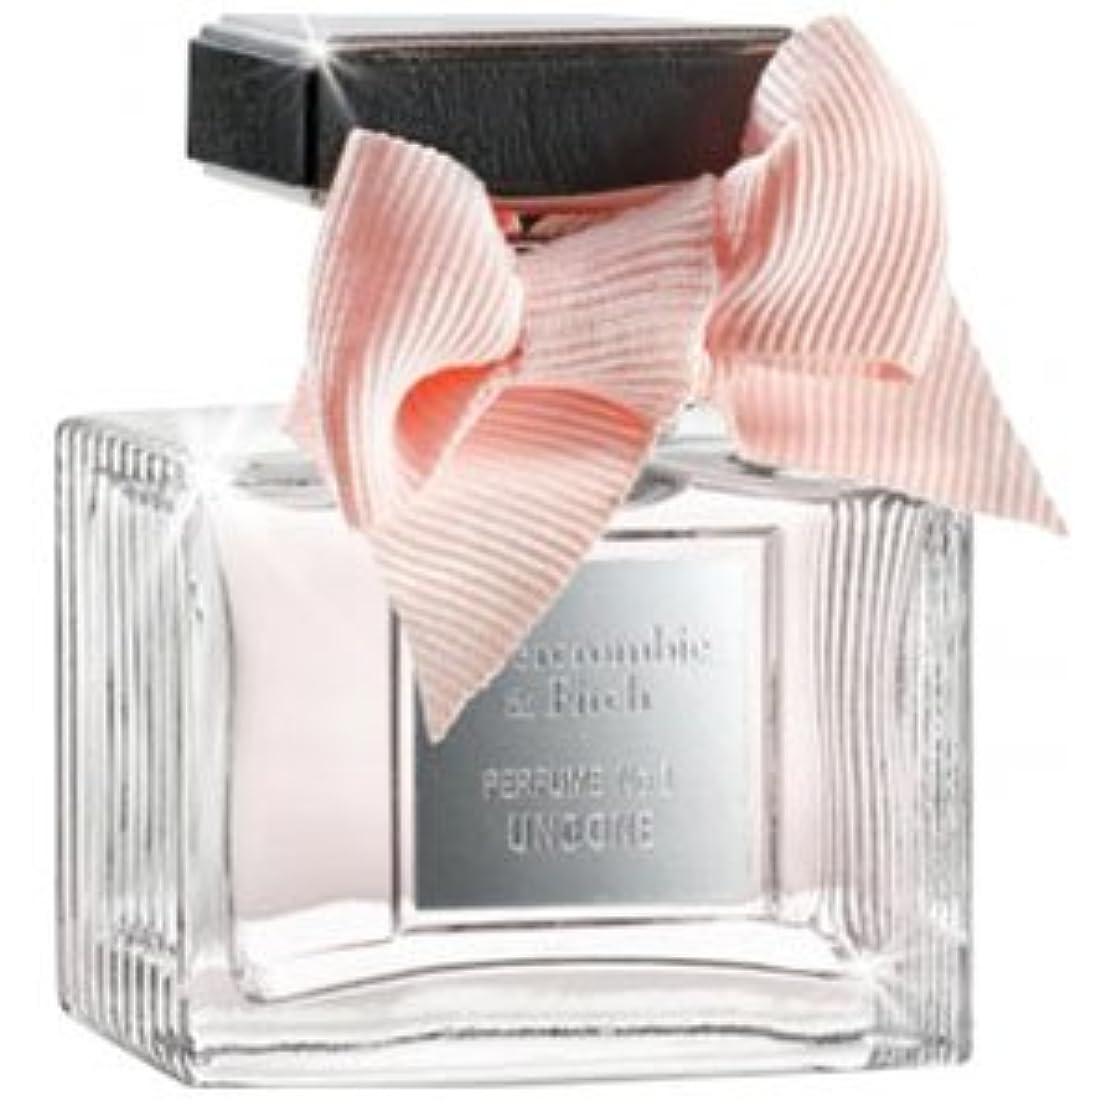 ハードベイビー批判的にAbercrombie Perfume No.1 Undone (アバクロンベ フィッチ No.1 アンダン) 1.7 oz (50ml) EDTSpray for Women